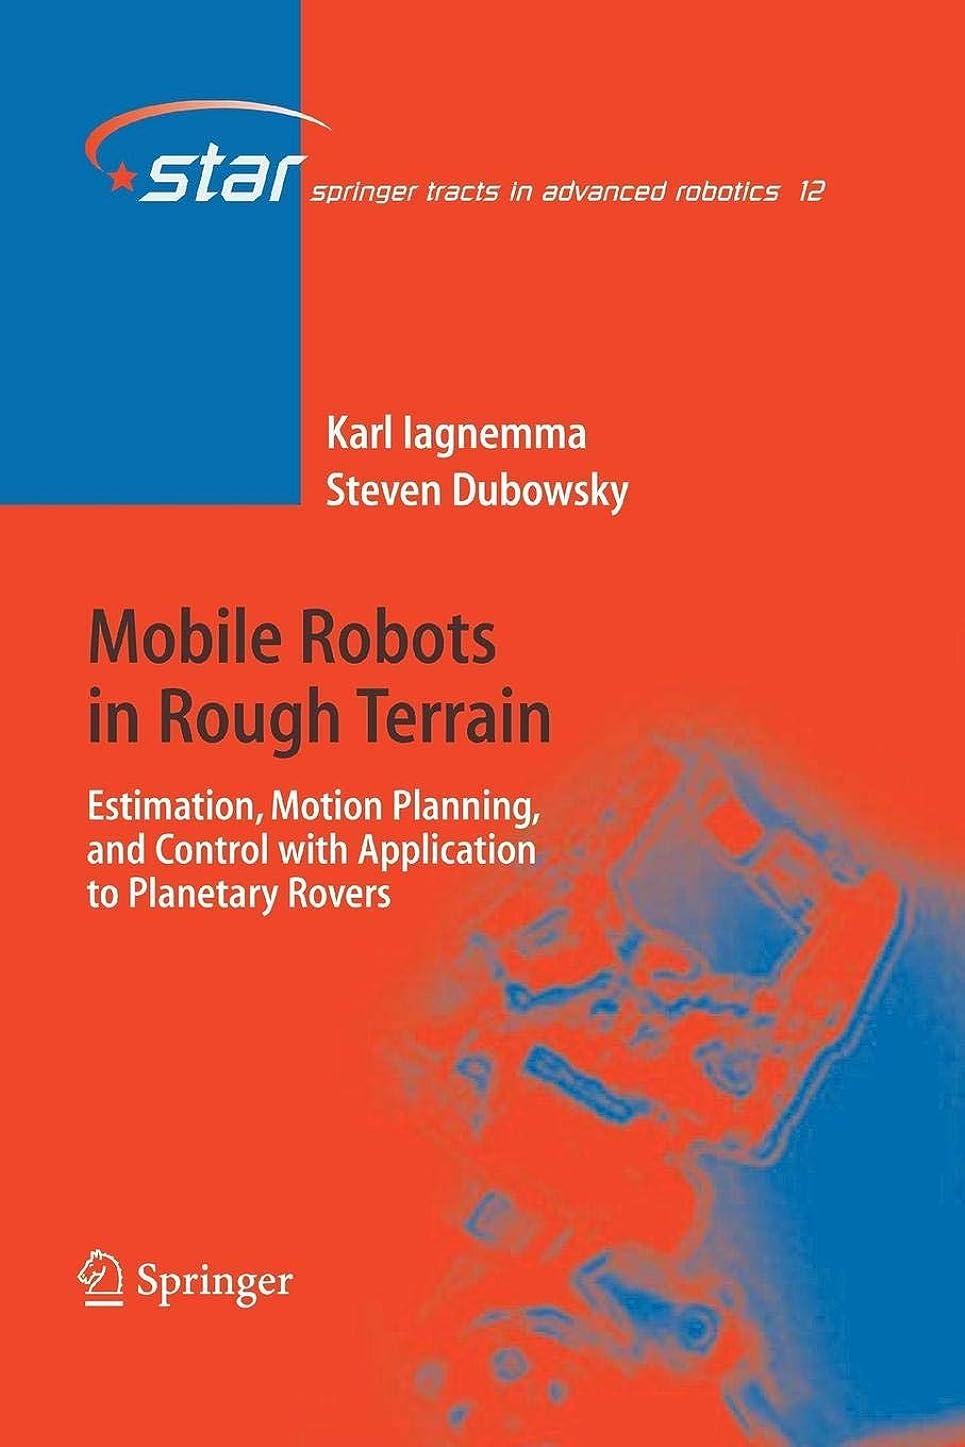 欲望熟考するからに変化するMobile Robots in Rough Terrain: Estimation, Motion Planning, and Control with Application to Planetary Rovers (Springer Tracts in Advanced Robotics)